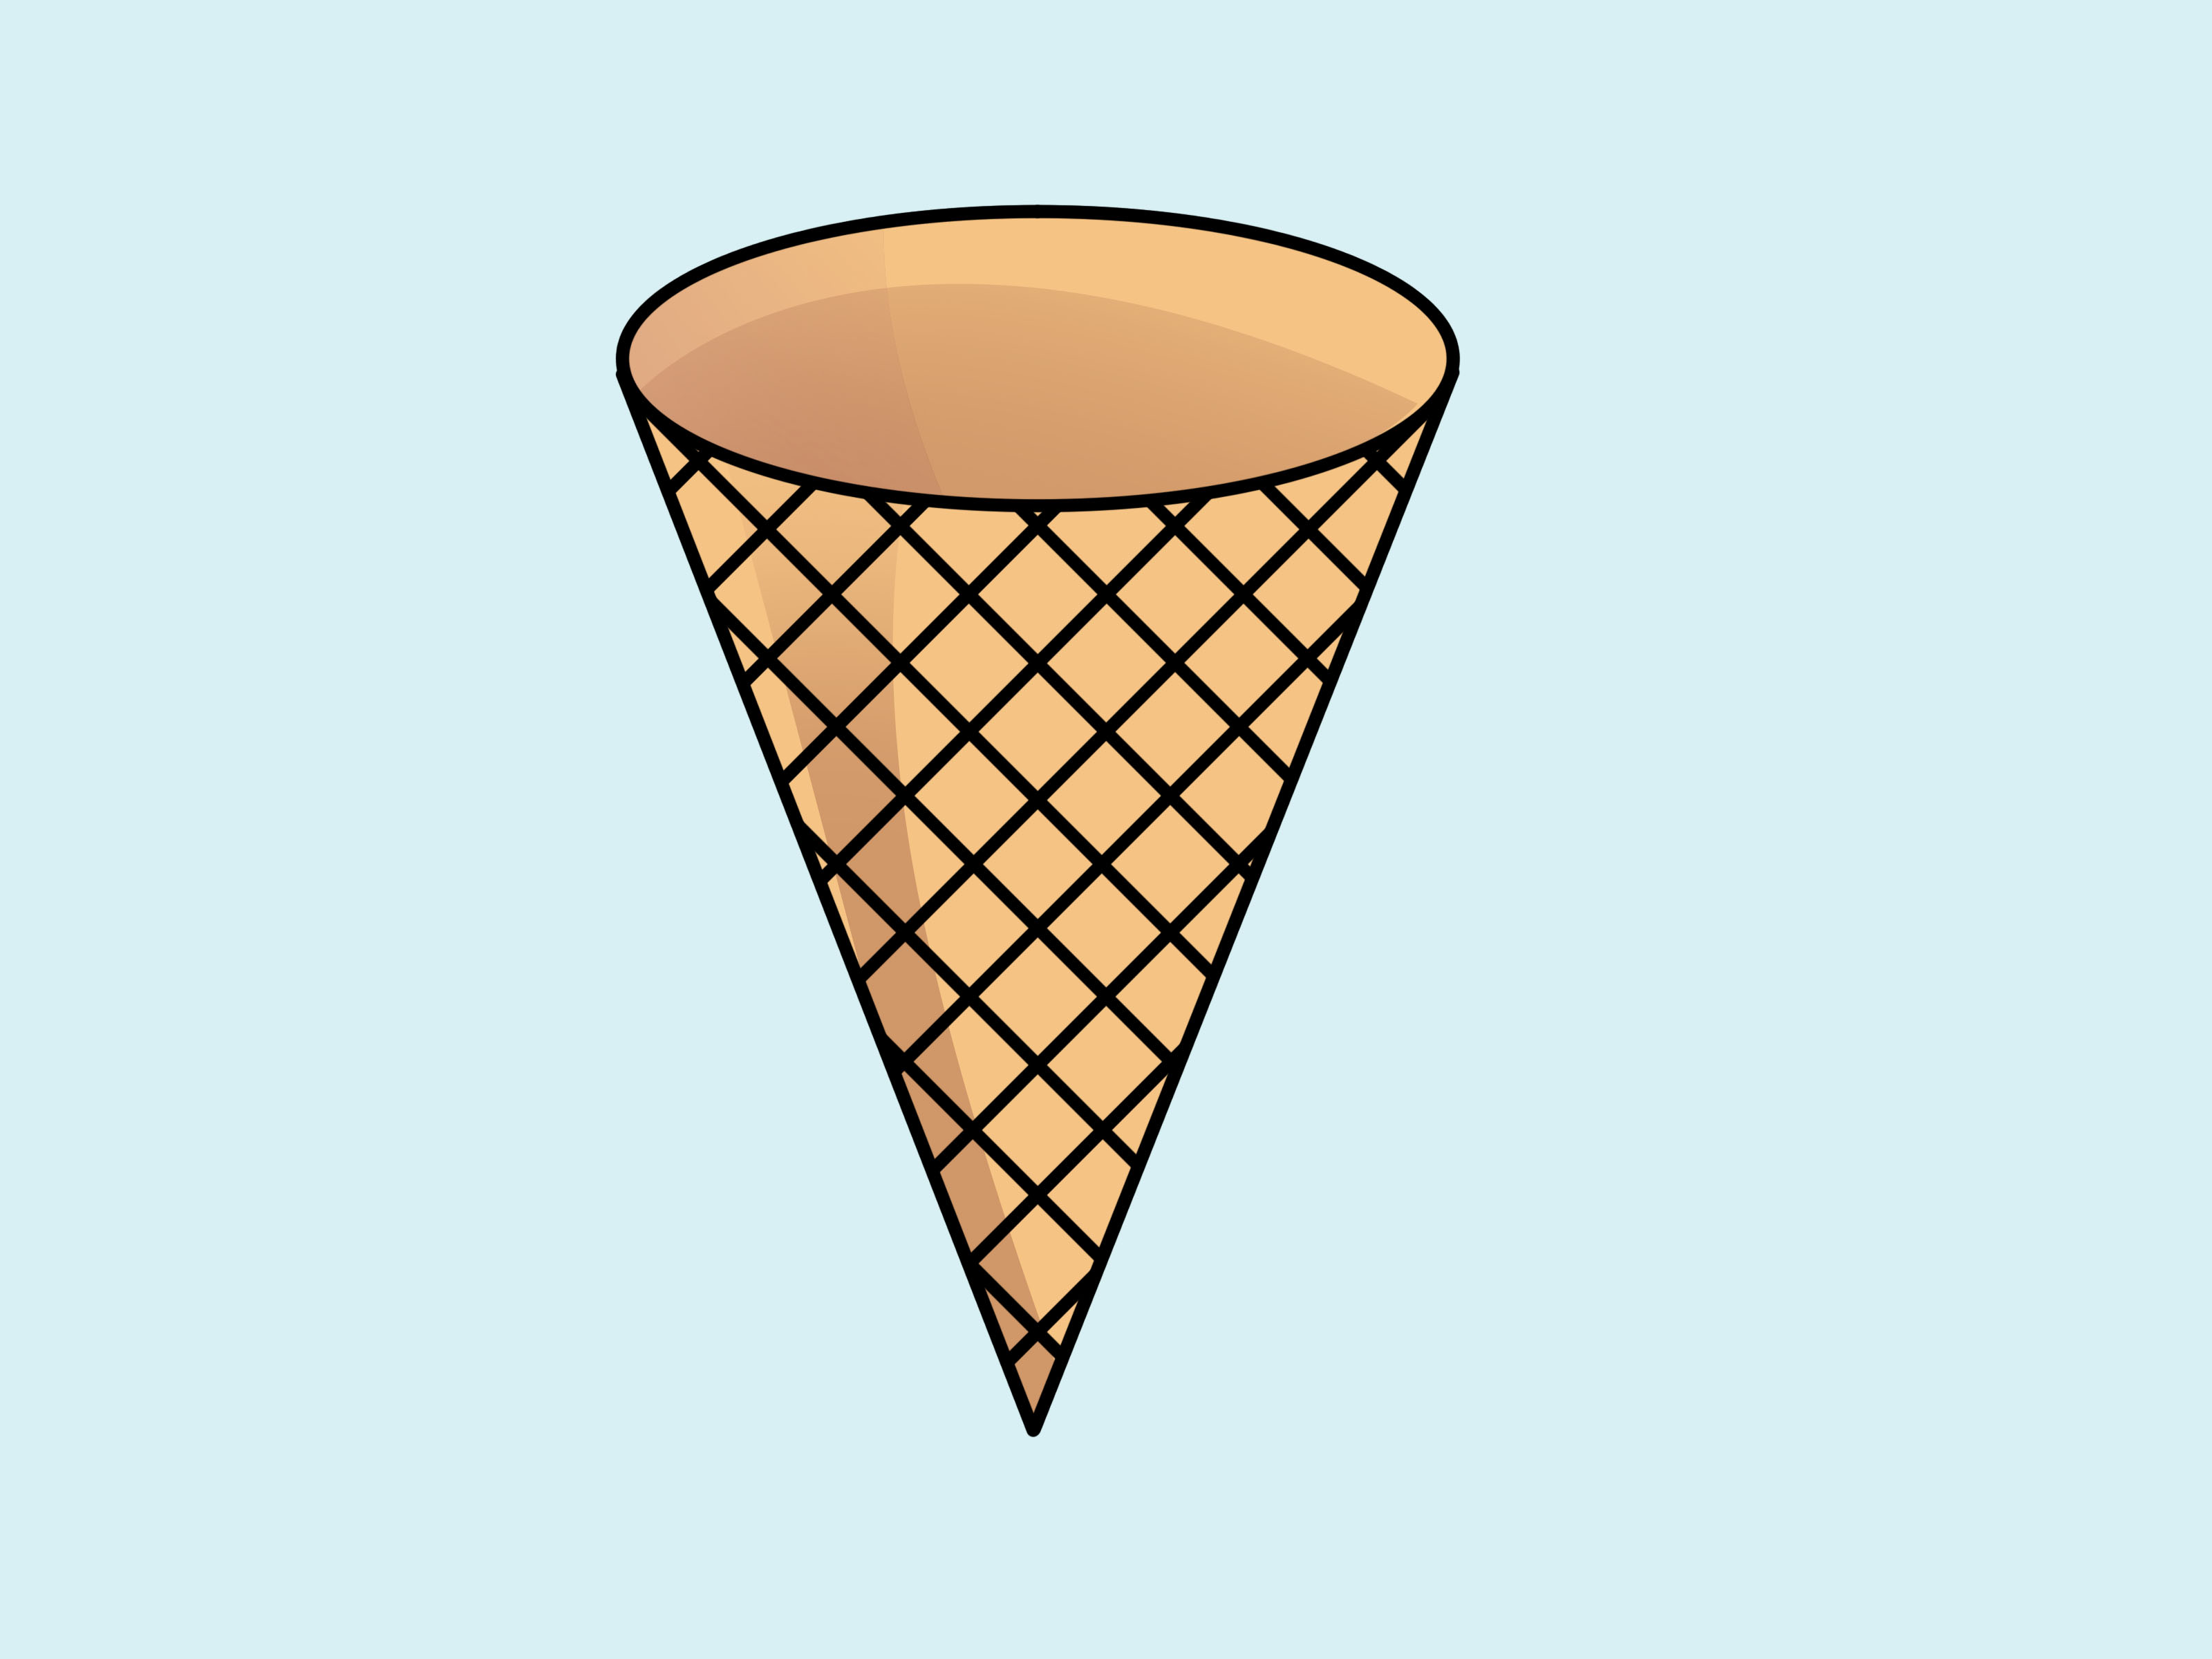 Ice cream cone clip art 8